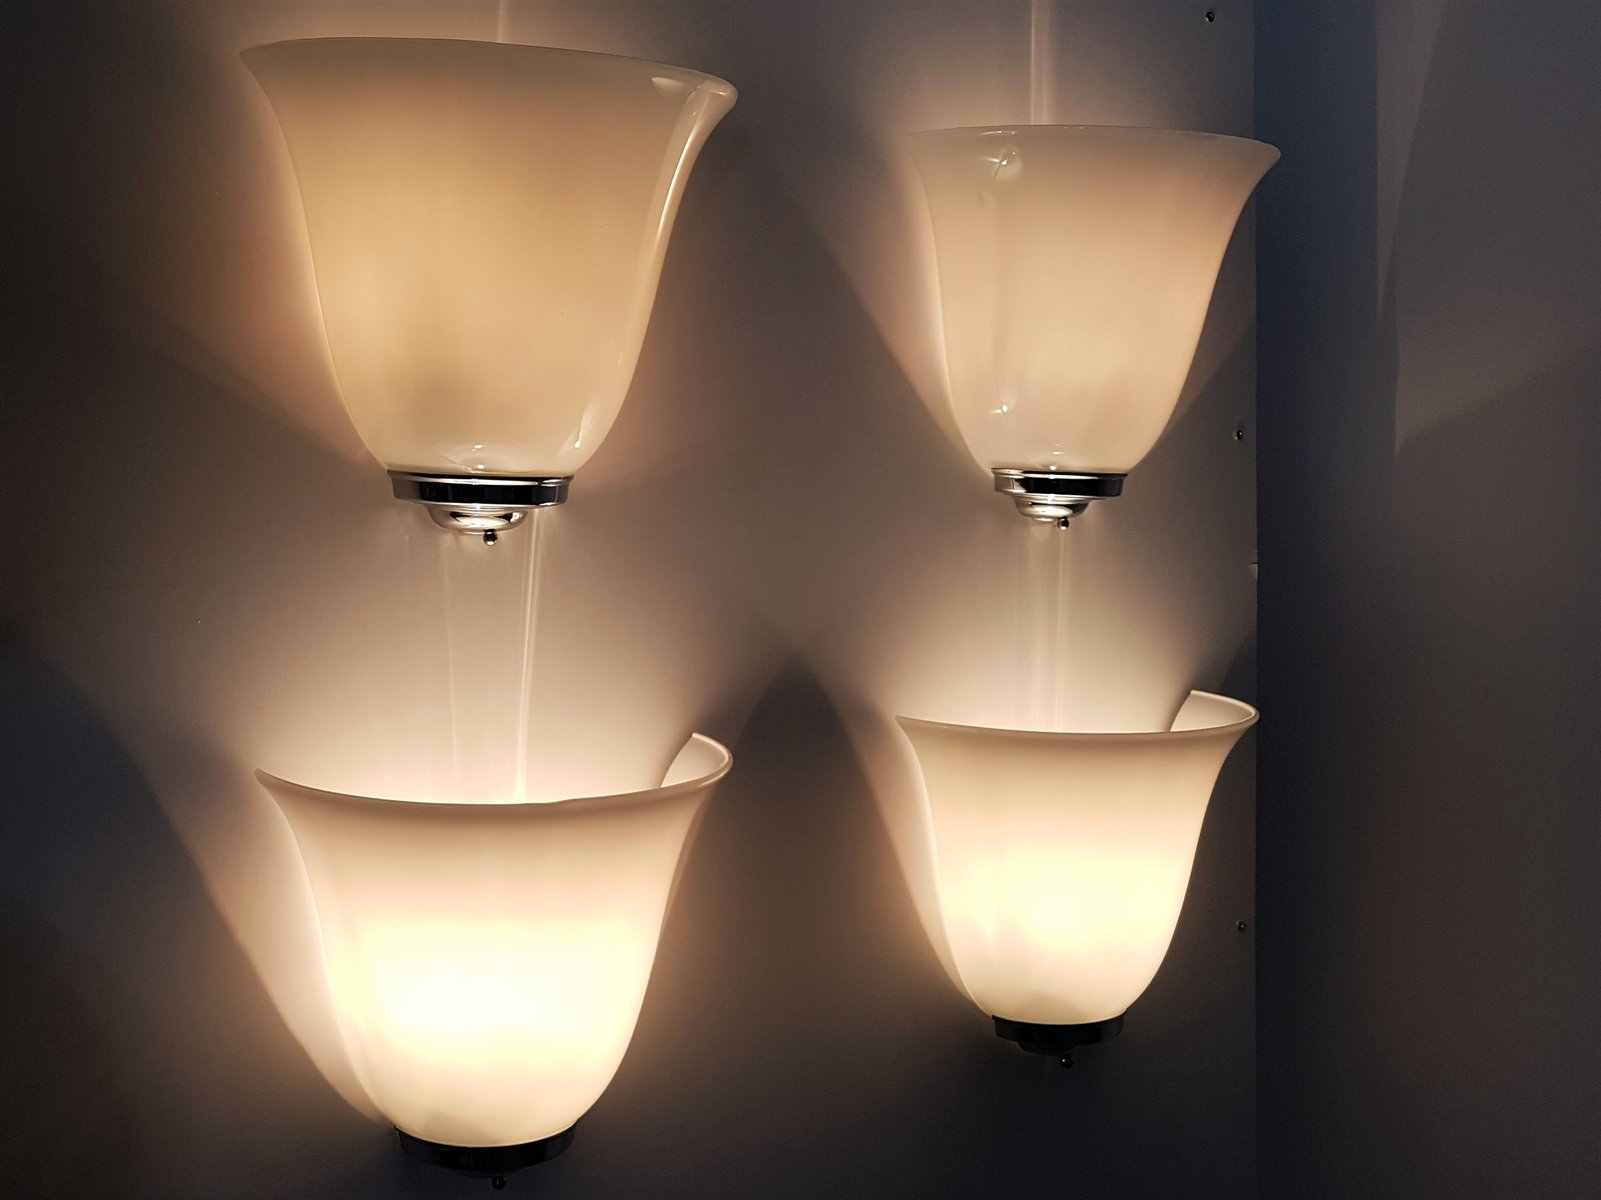 Lampade a parete design fresco lusso applique moderne casa design